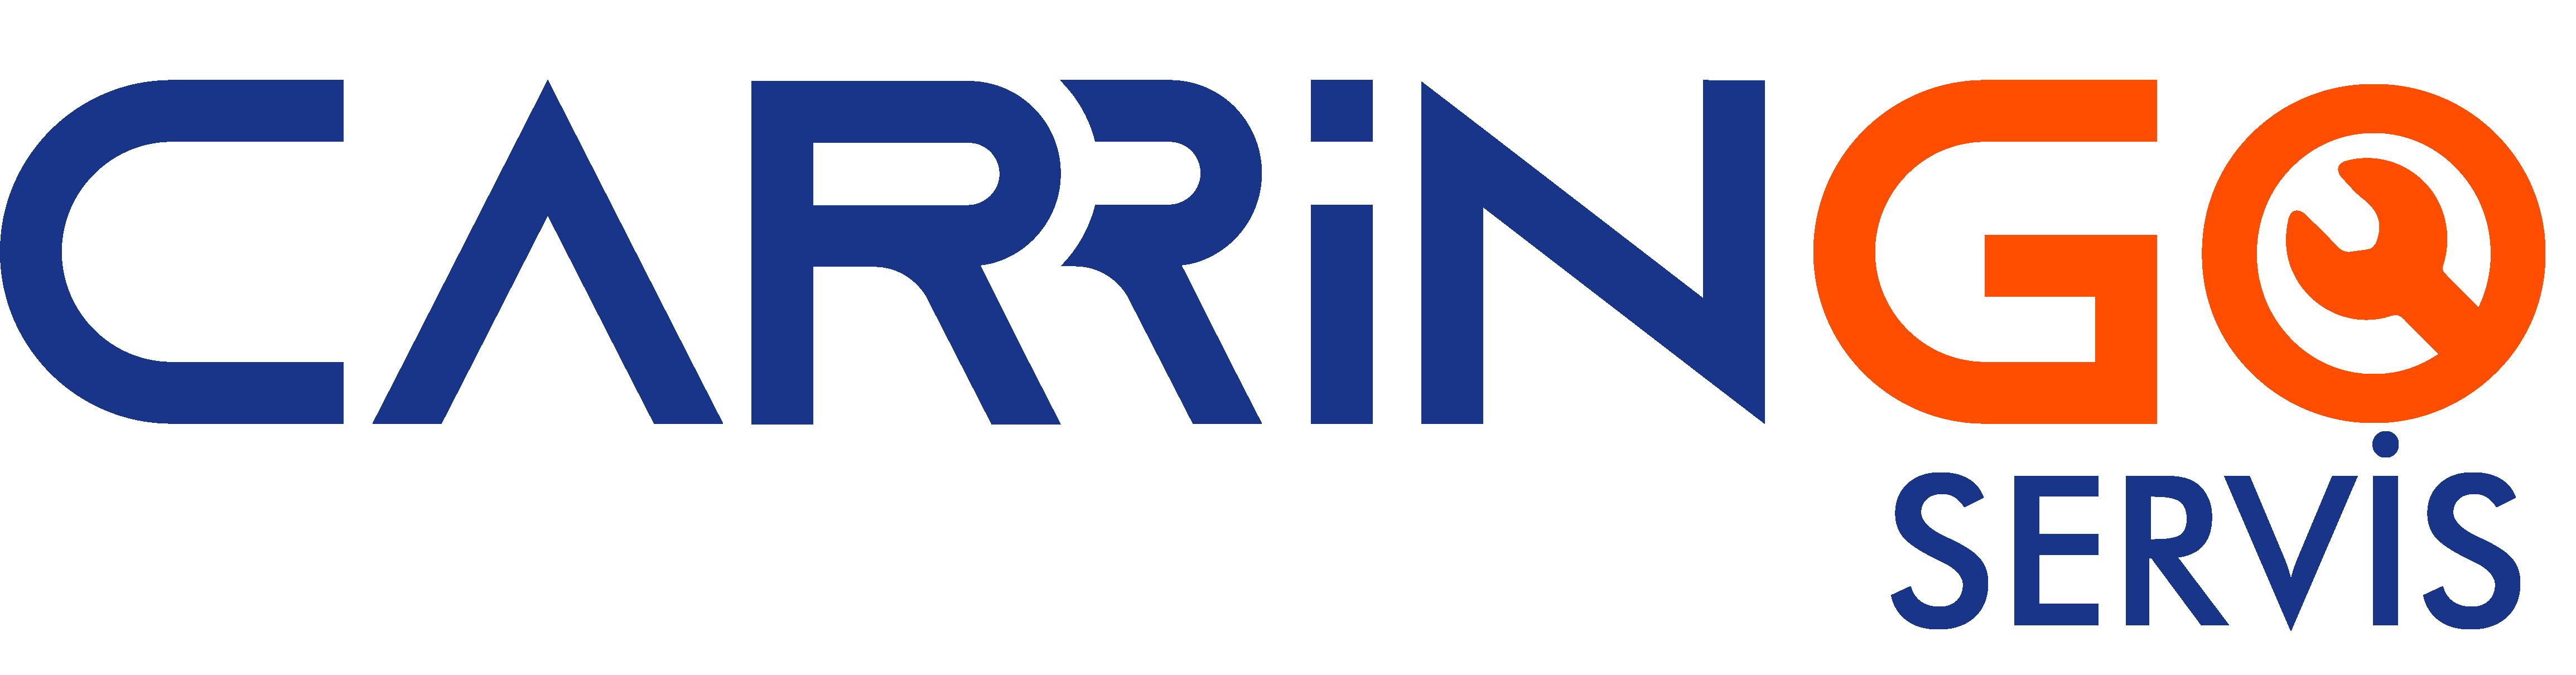 carringo logo beyaz